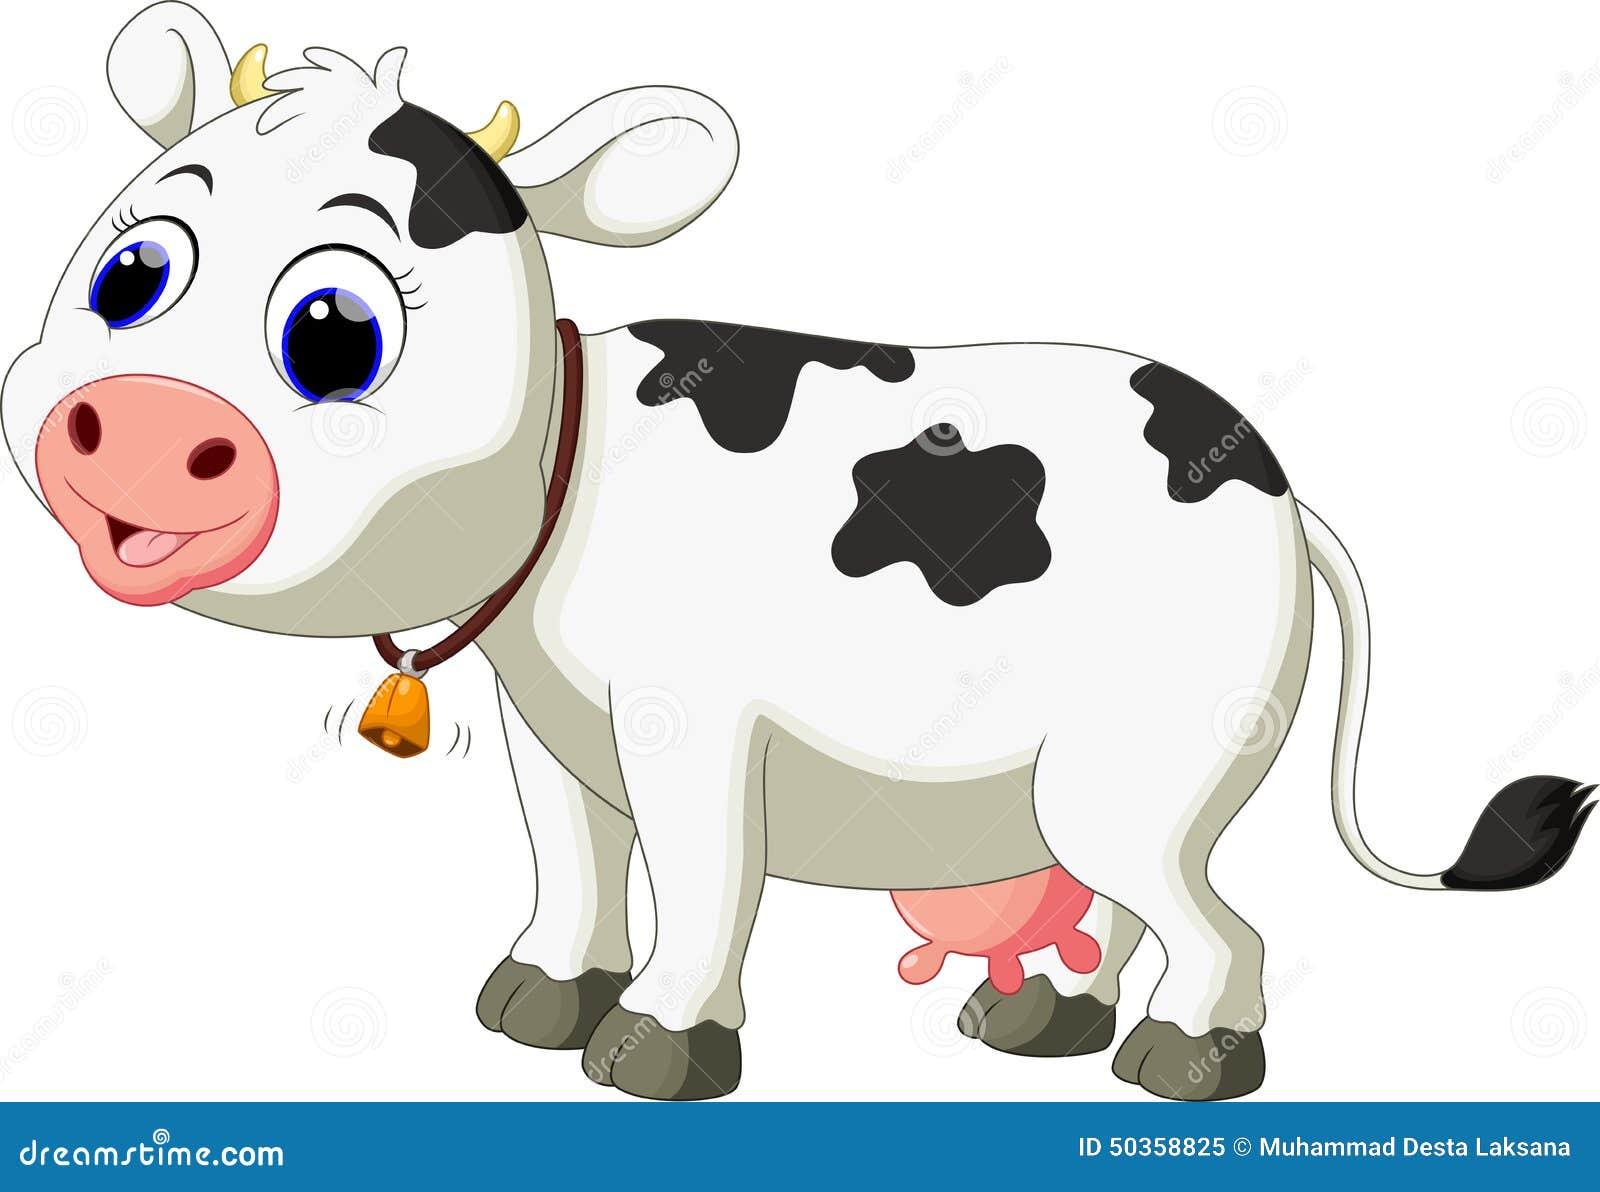 Dessin anim mignon de vache illustration stock - Dessin vaches ...